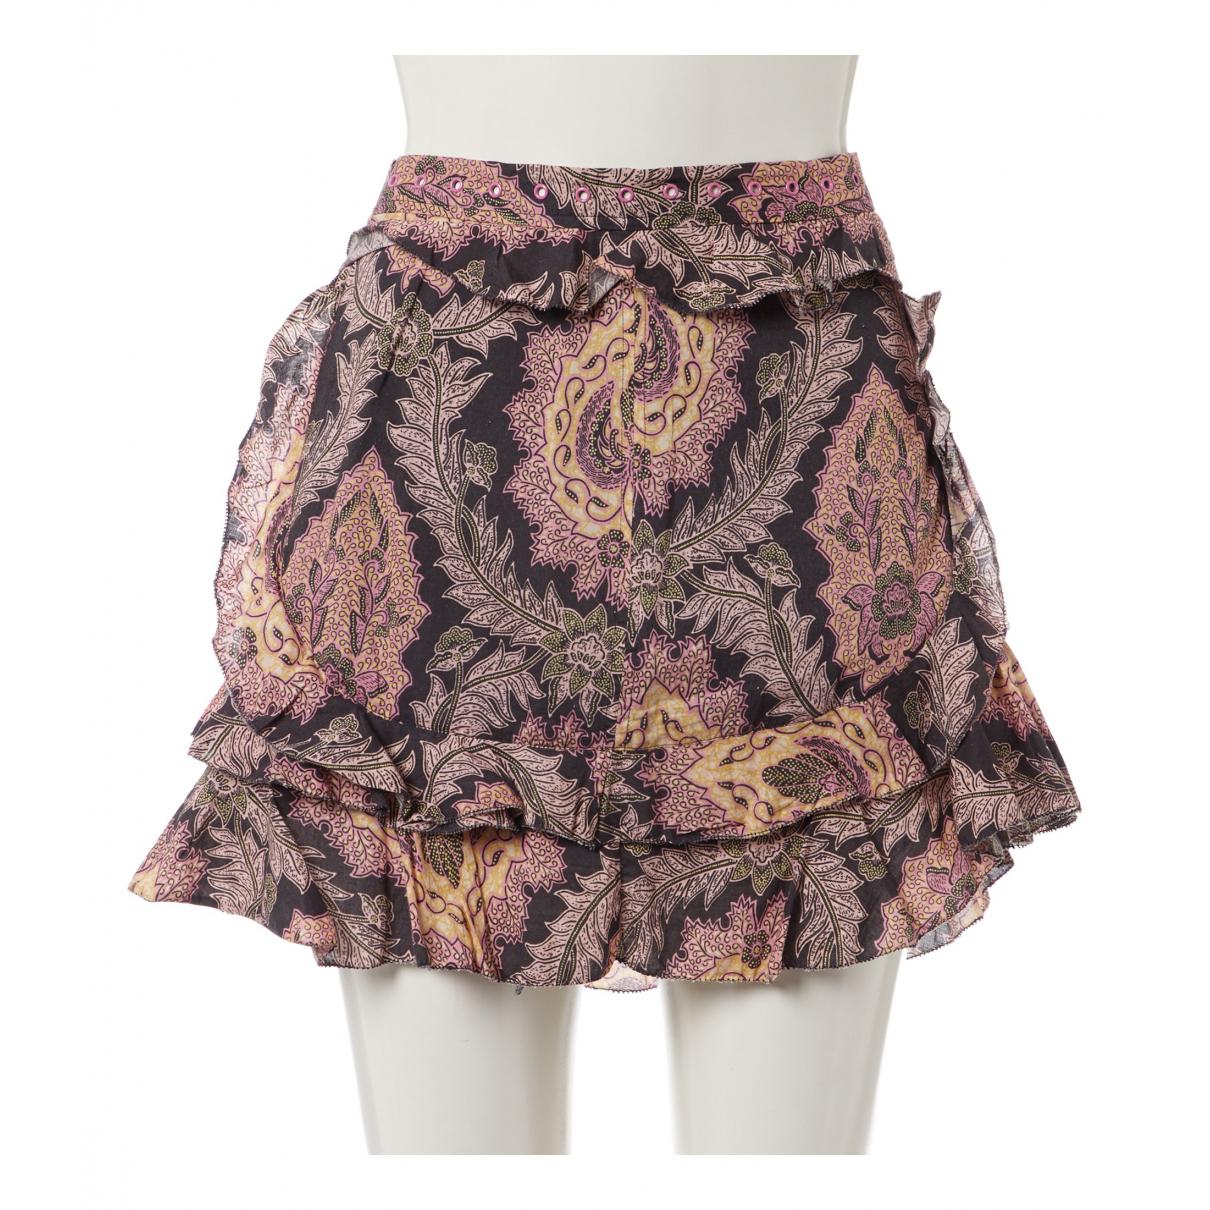 Isabel Marant N Multicolour Cotton skirt for Women 38 FR